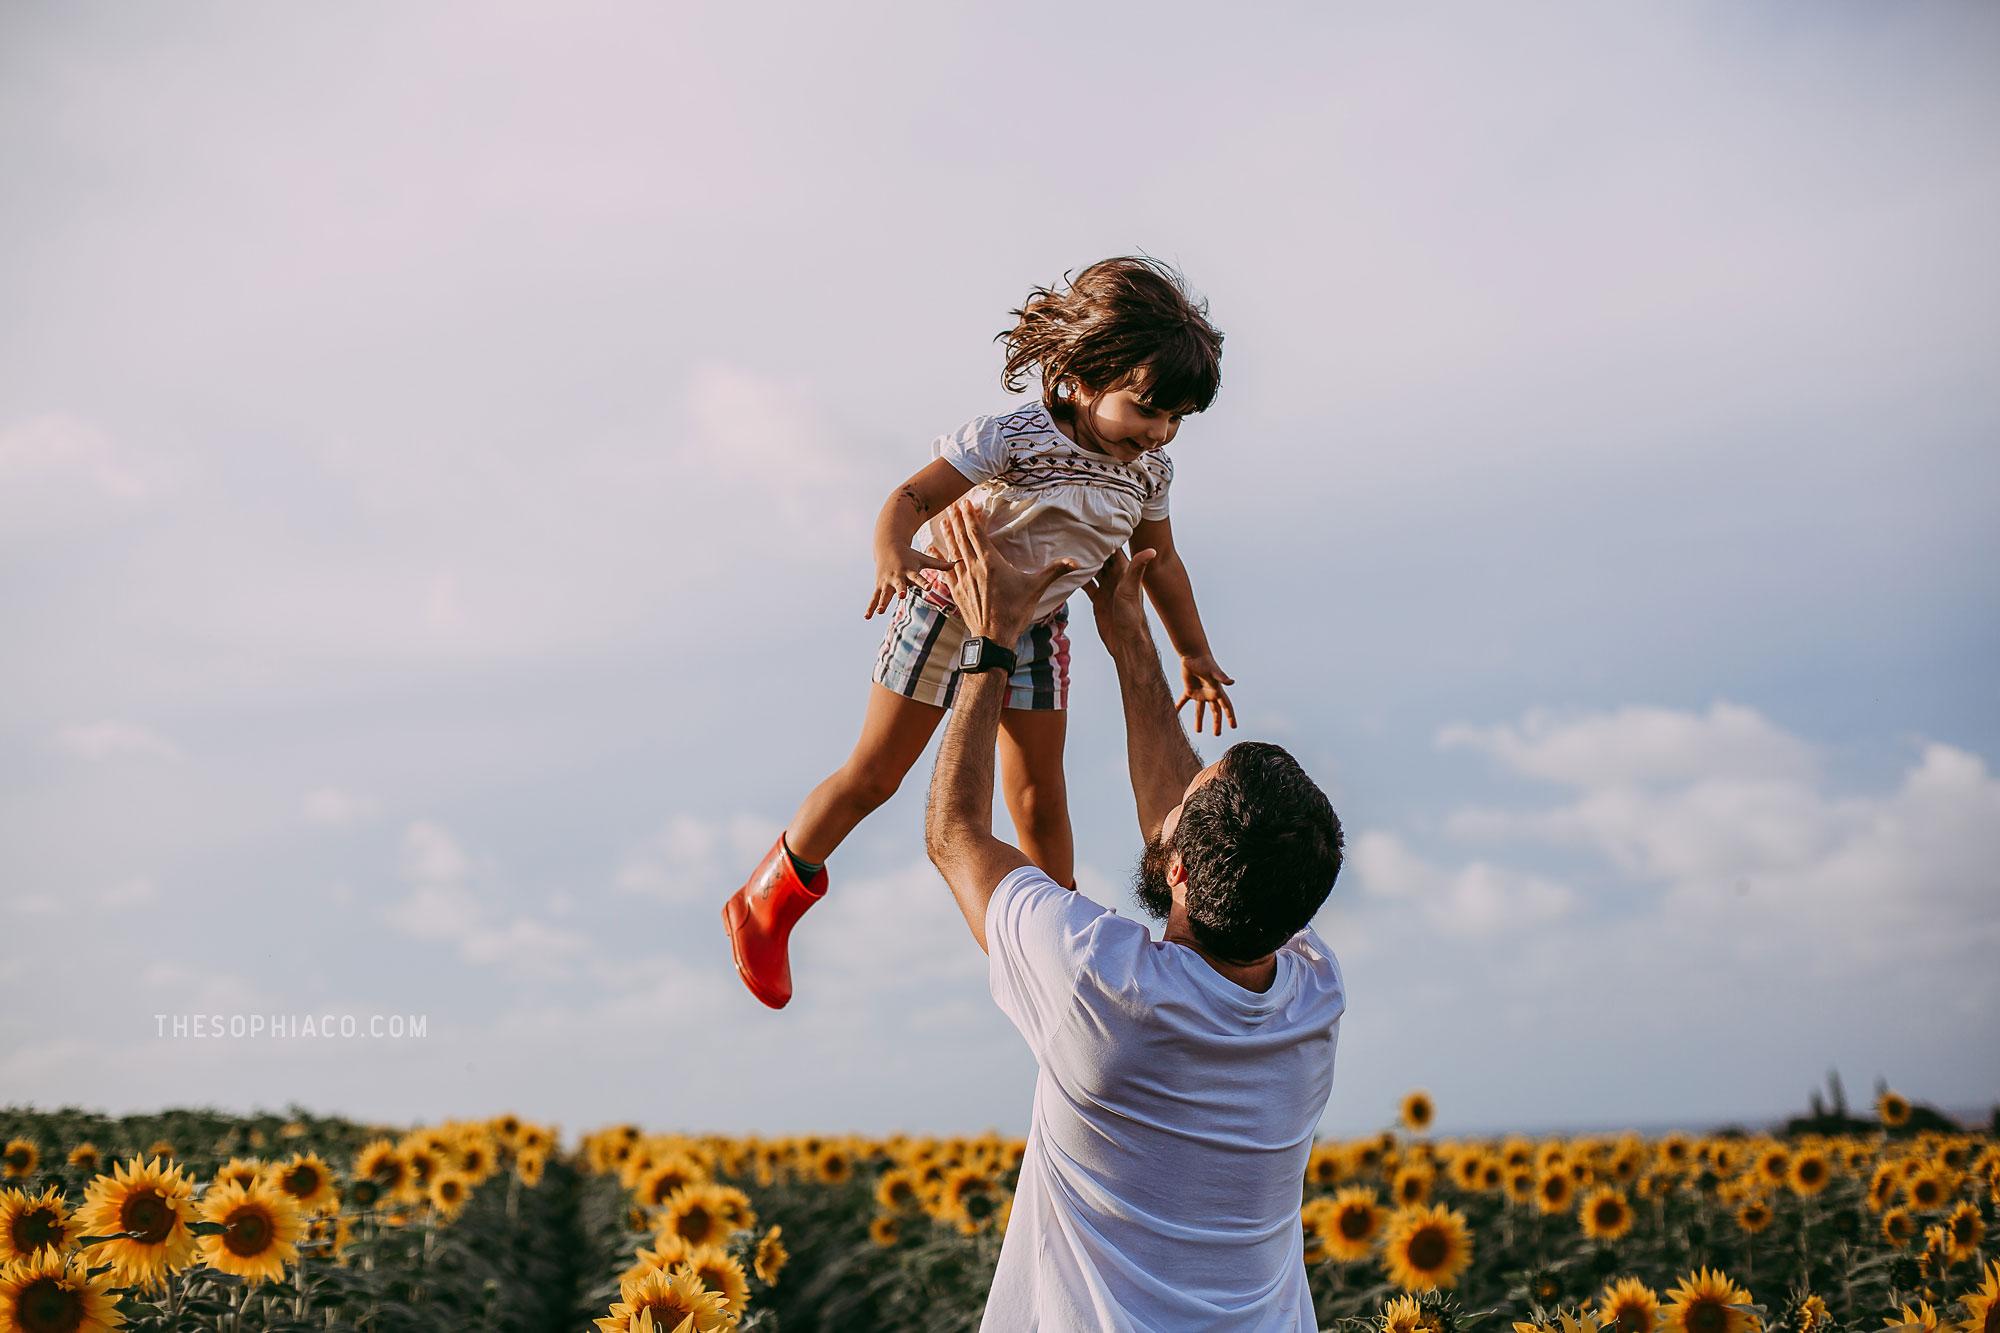 waialua-sunflowers-oahu-family-photography-20.jpg